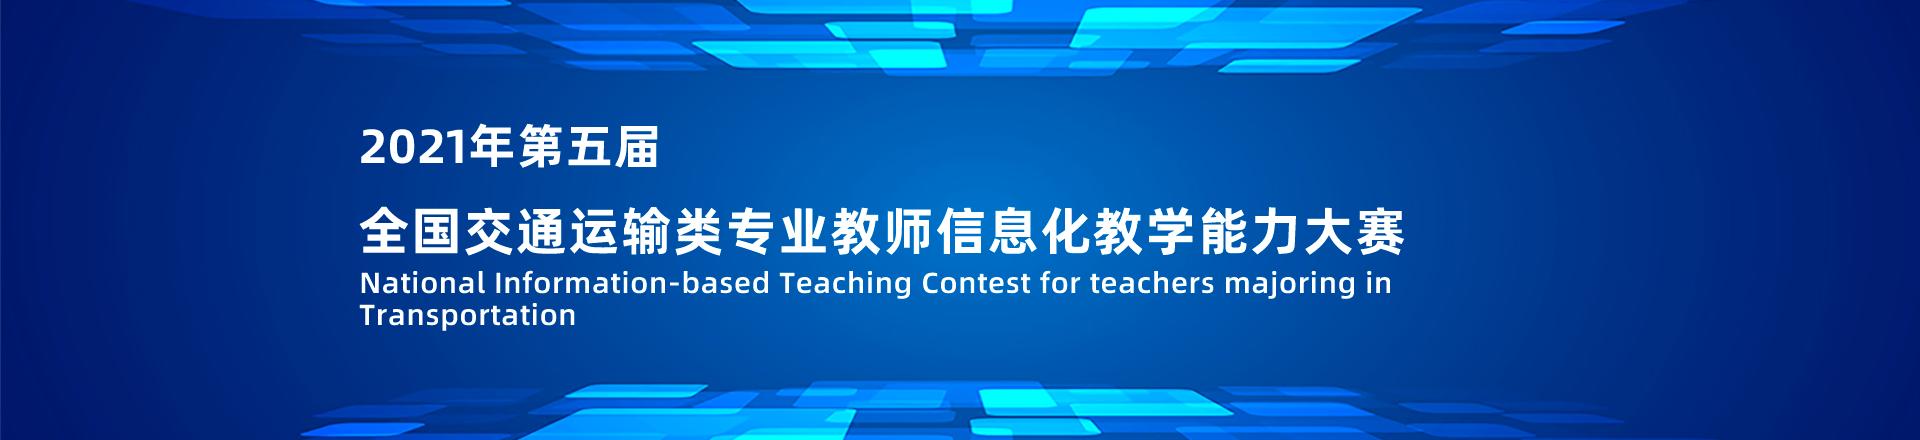 第五届全国交通运输类专业教师信息化教学能力大赛